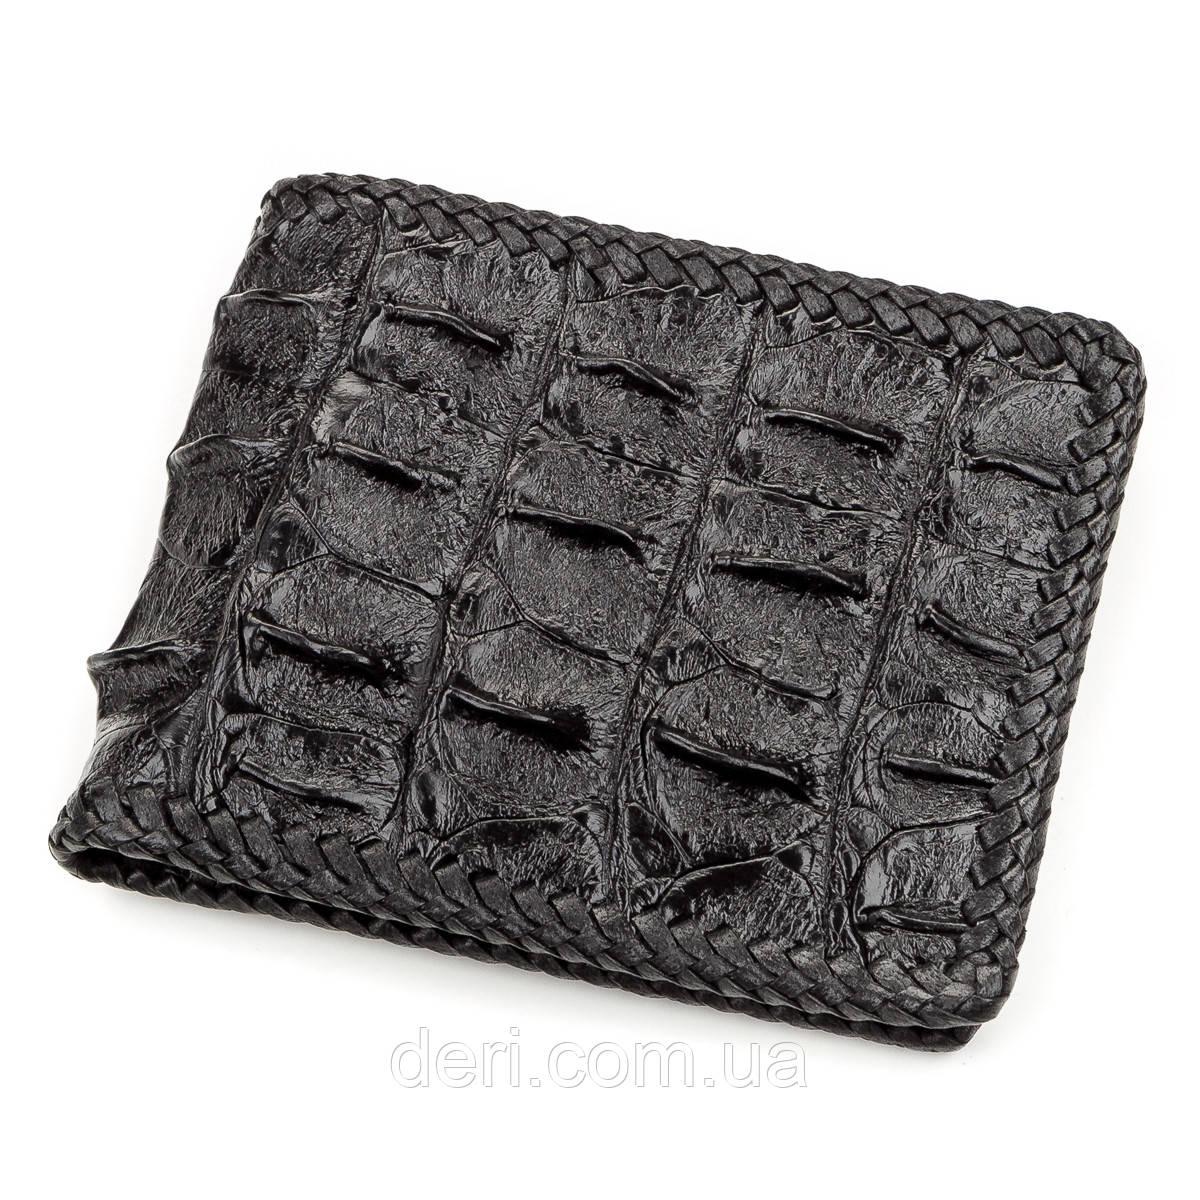 Портмоне CROCODILE LEATHER з натуральної шкіри крокодила Чорне, Чорний